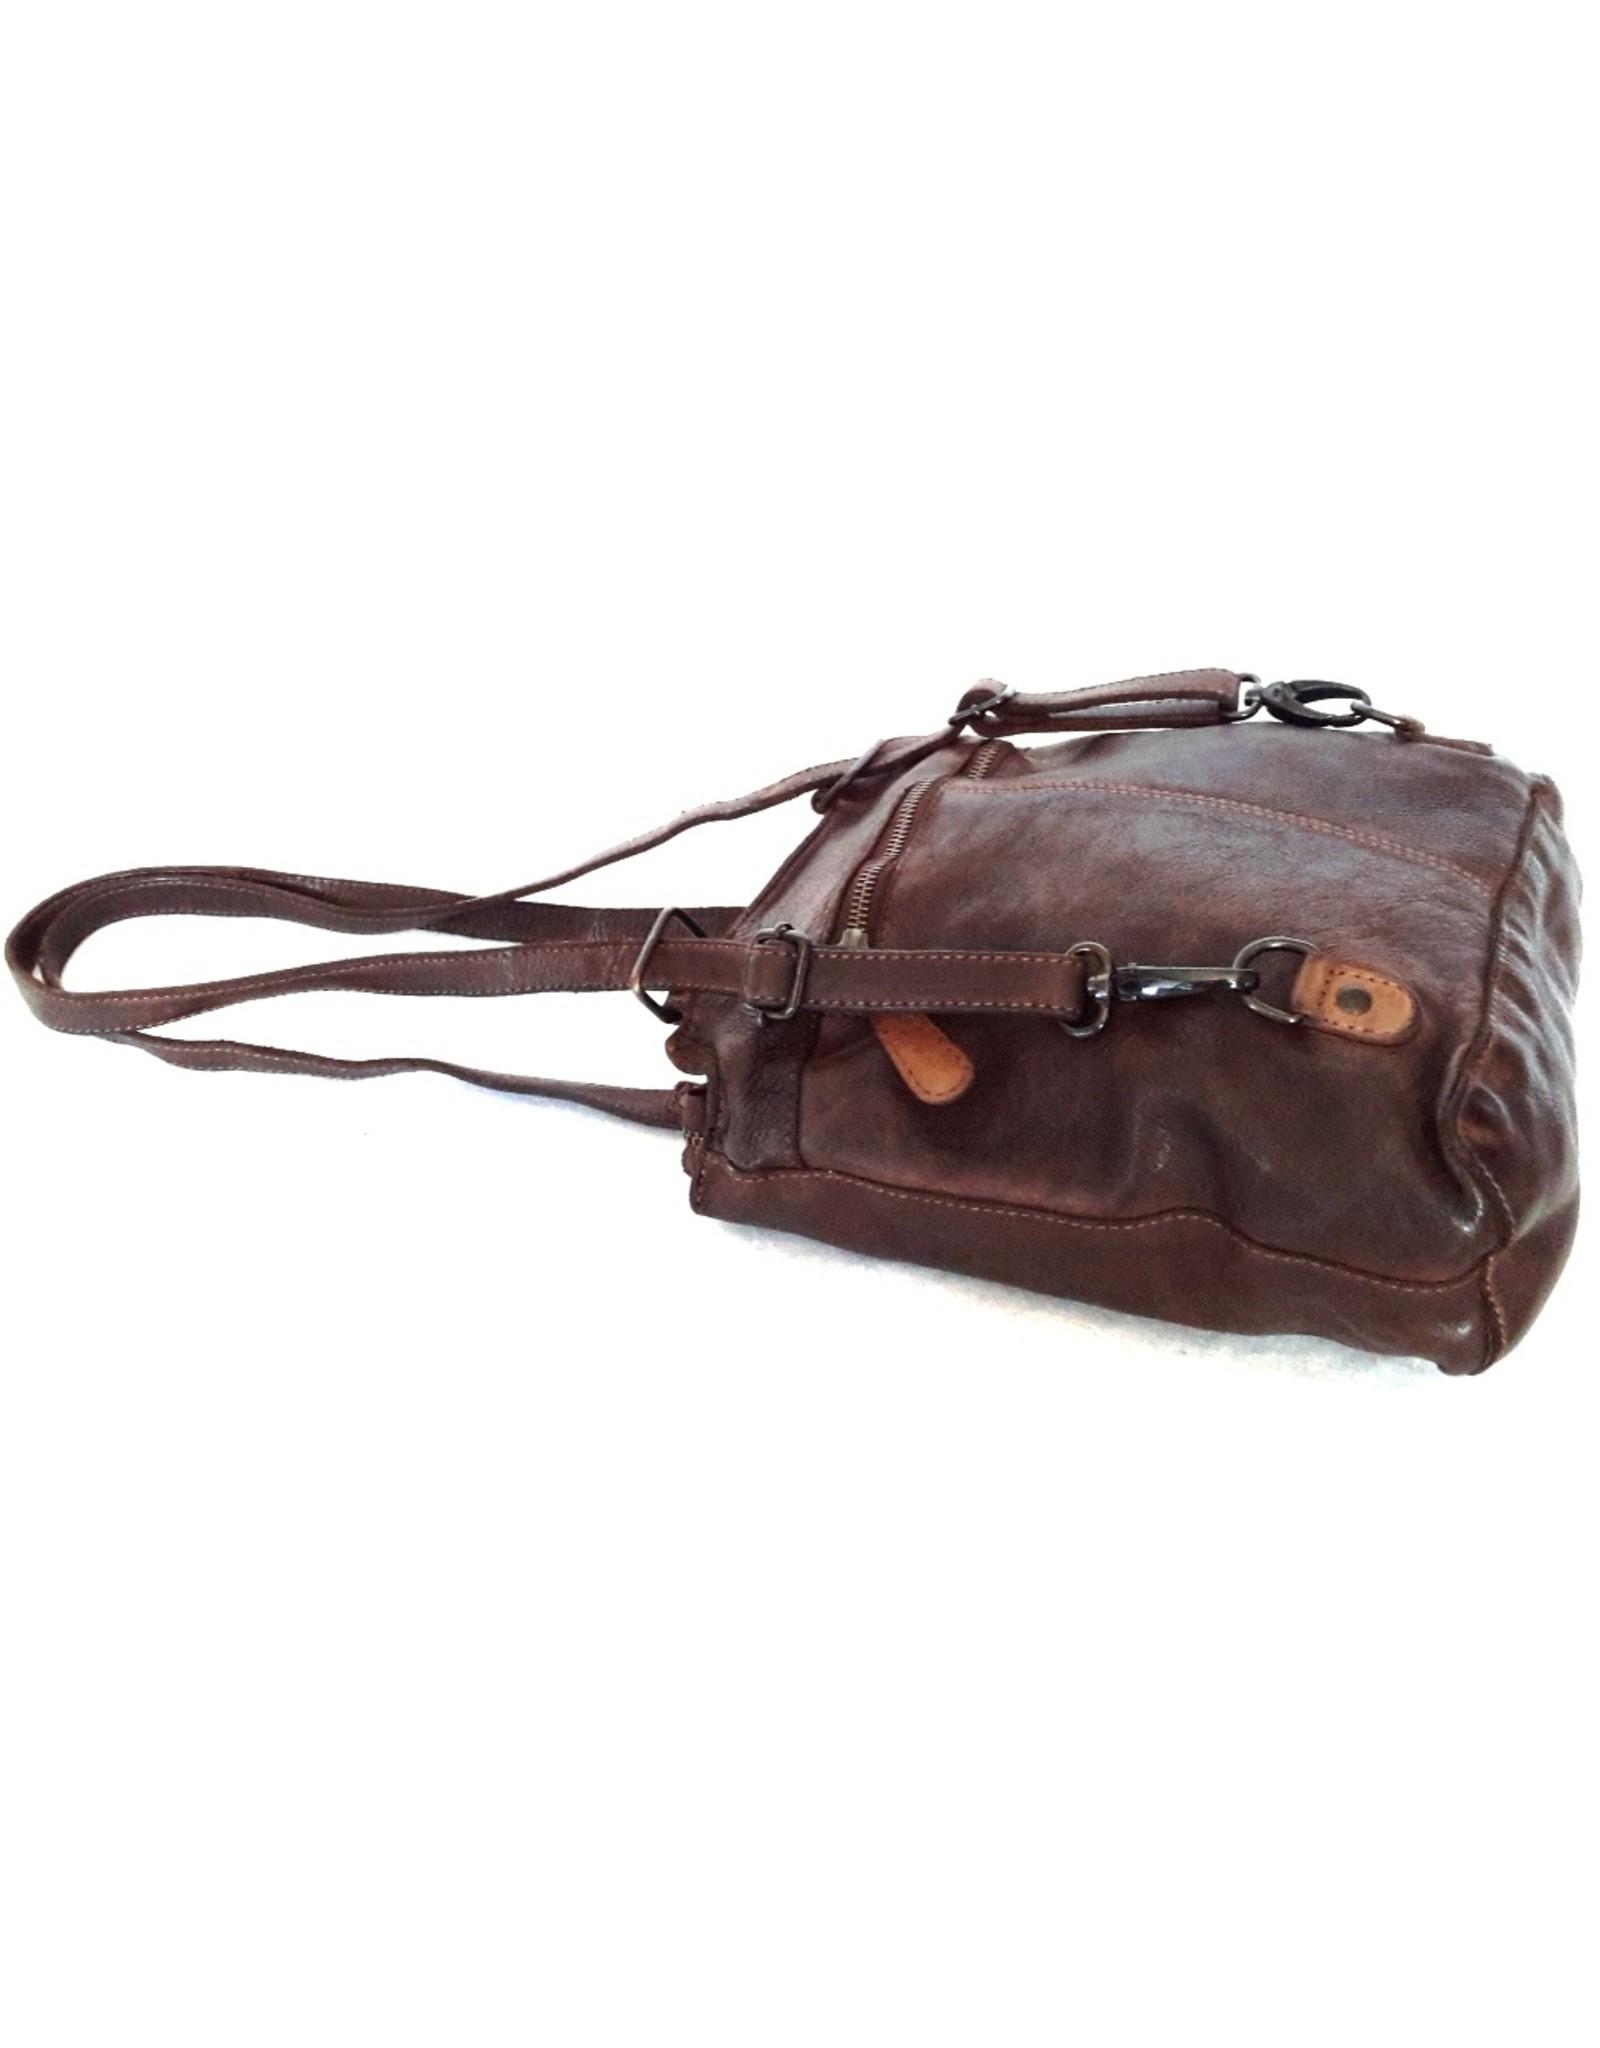 HillBurry Leren rugzakken Leren shoppers - HillBurry schoudertas - rugtas van gewassen leer